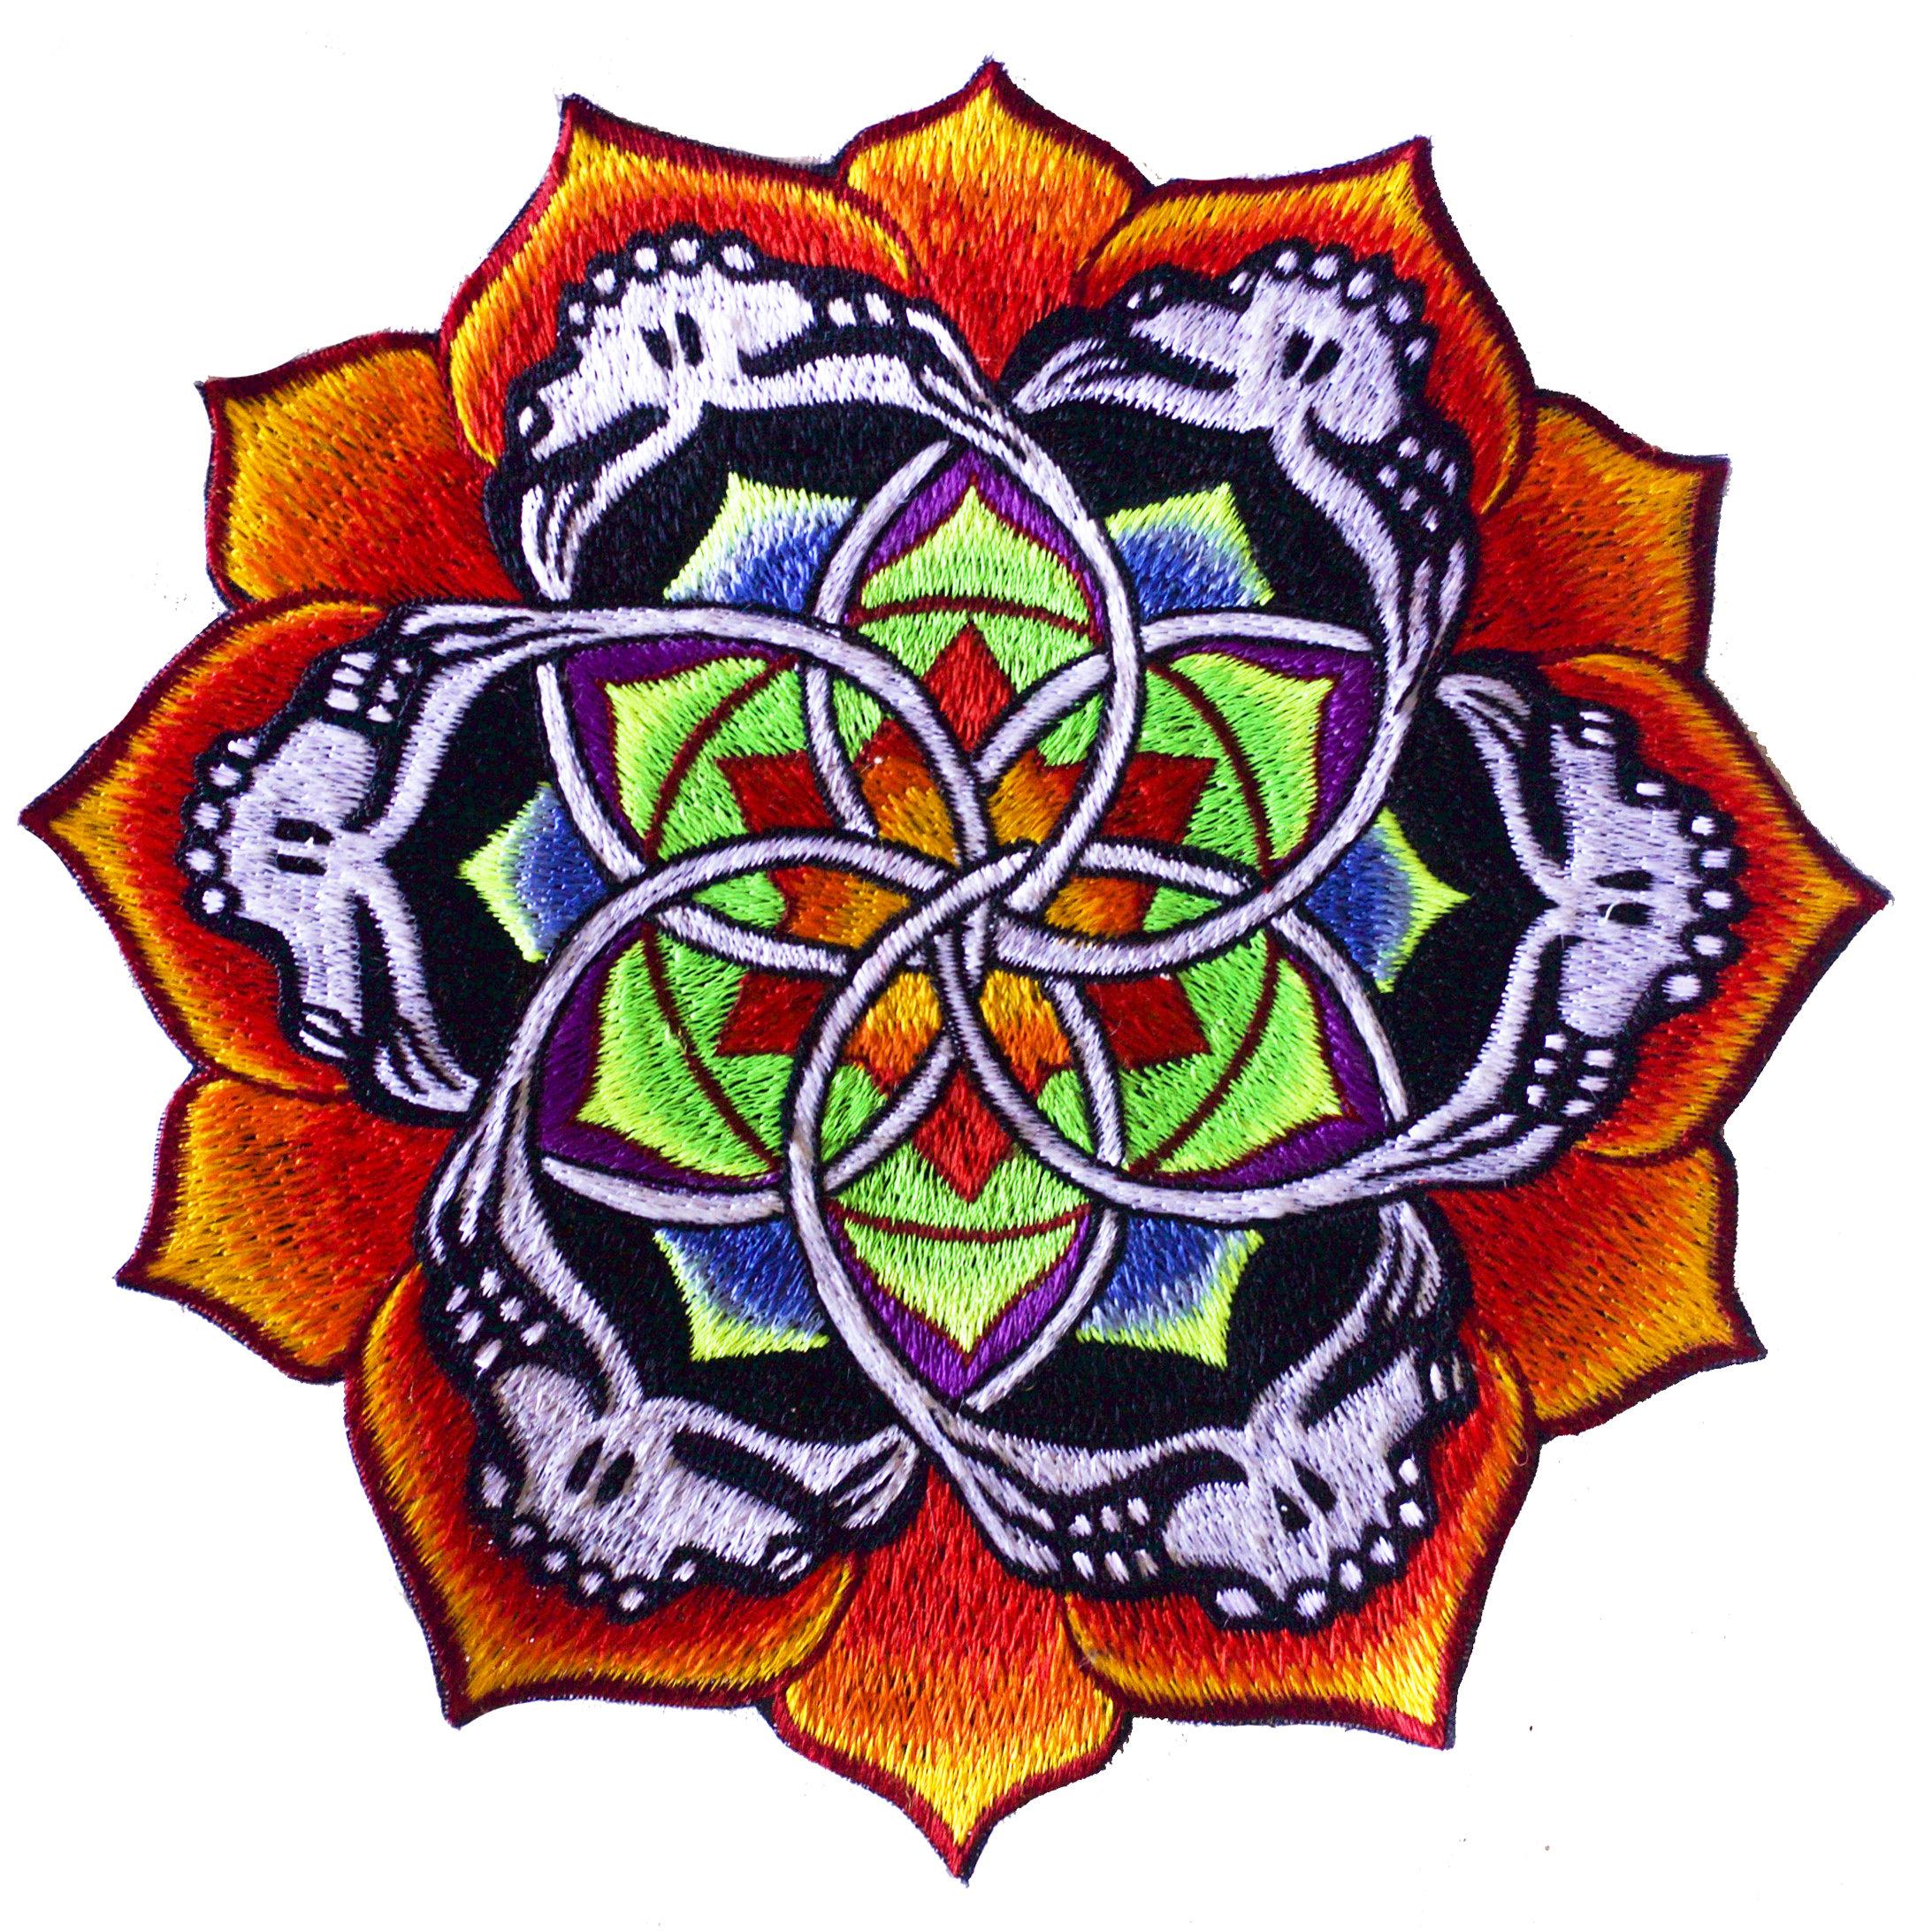 2185x2185 grateful dead flower mandala patch psy deadhead patch lsd